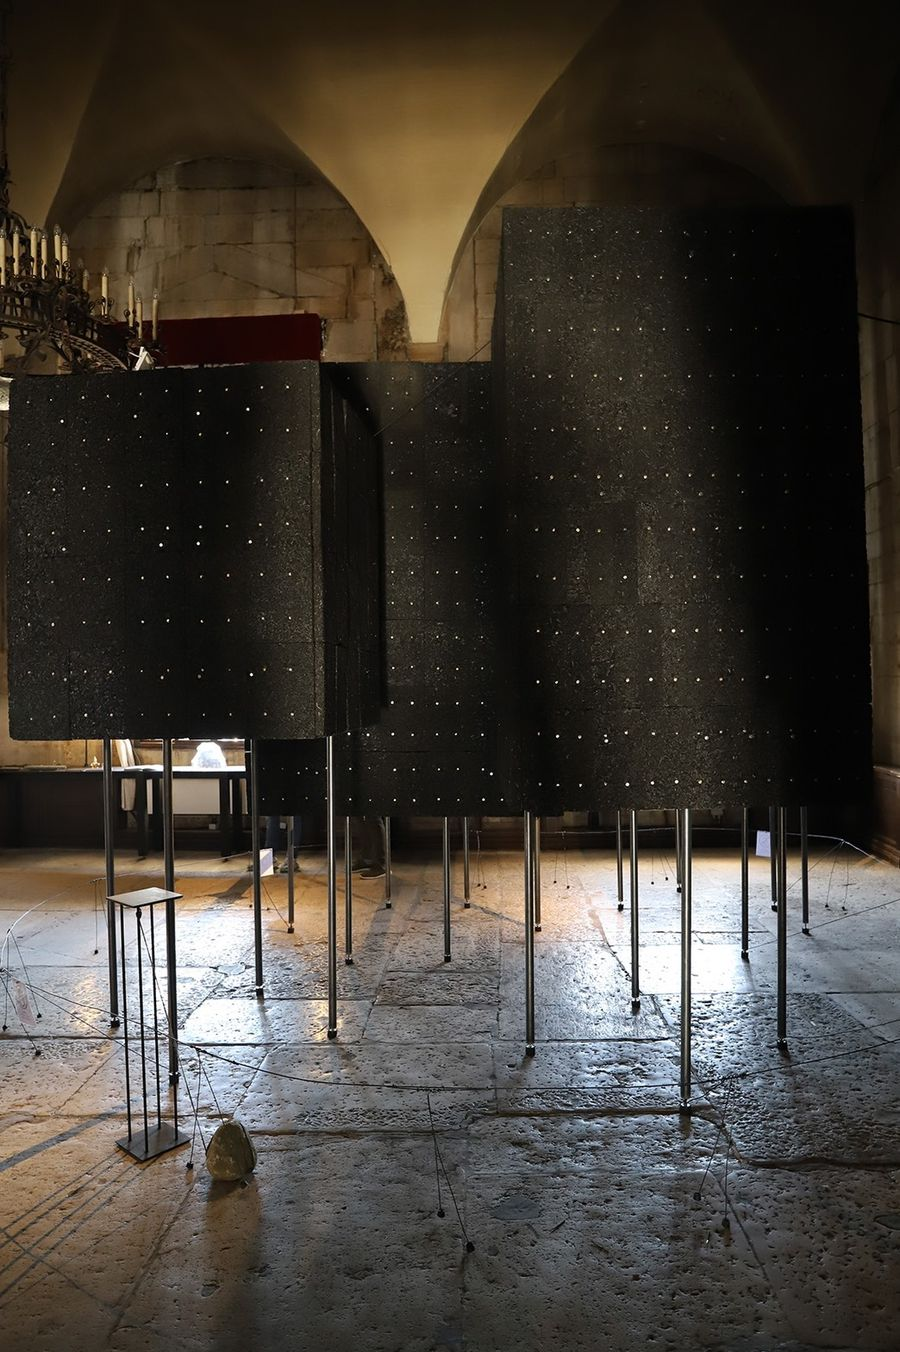 國美館「第 17 屆威尼斯建築雙年展臺灣館」   本週隆重開展